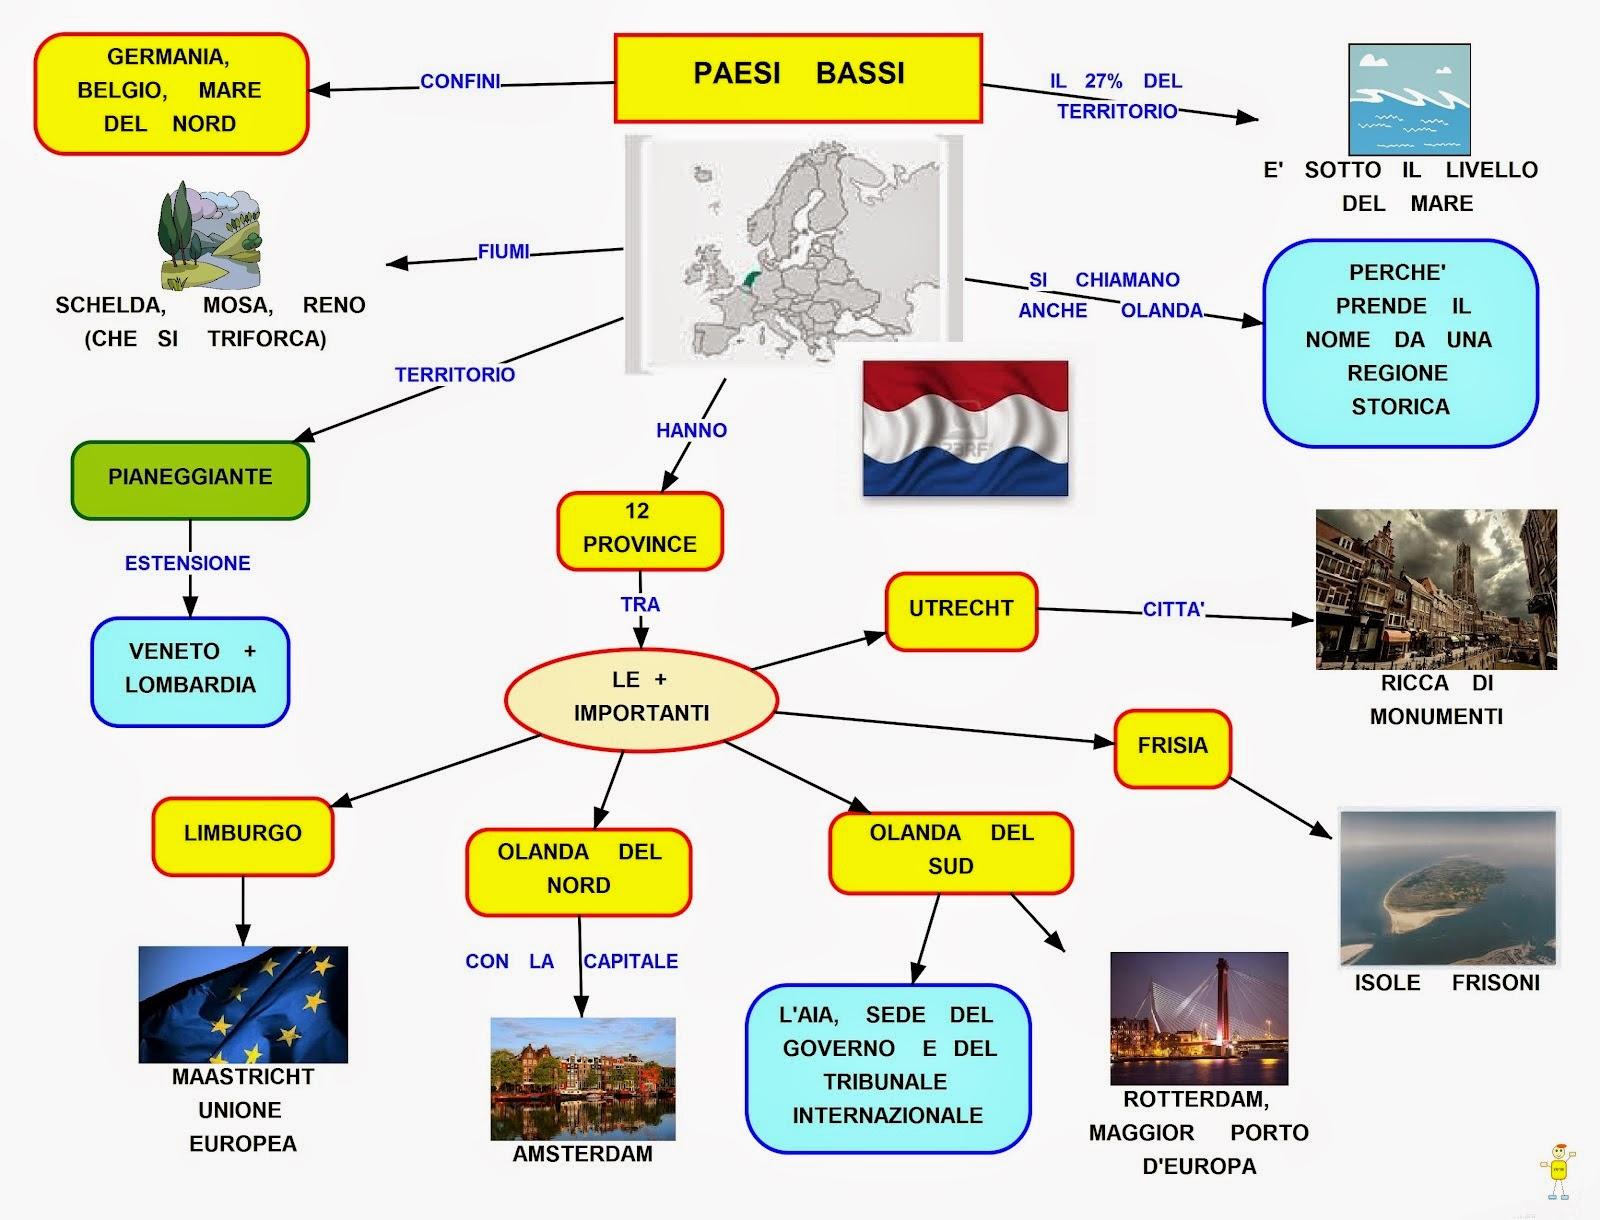 Mappa Concettuale Paesi Bassi Scuolissimacom